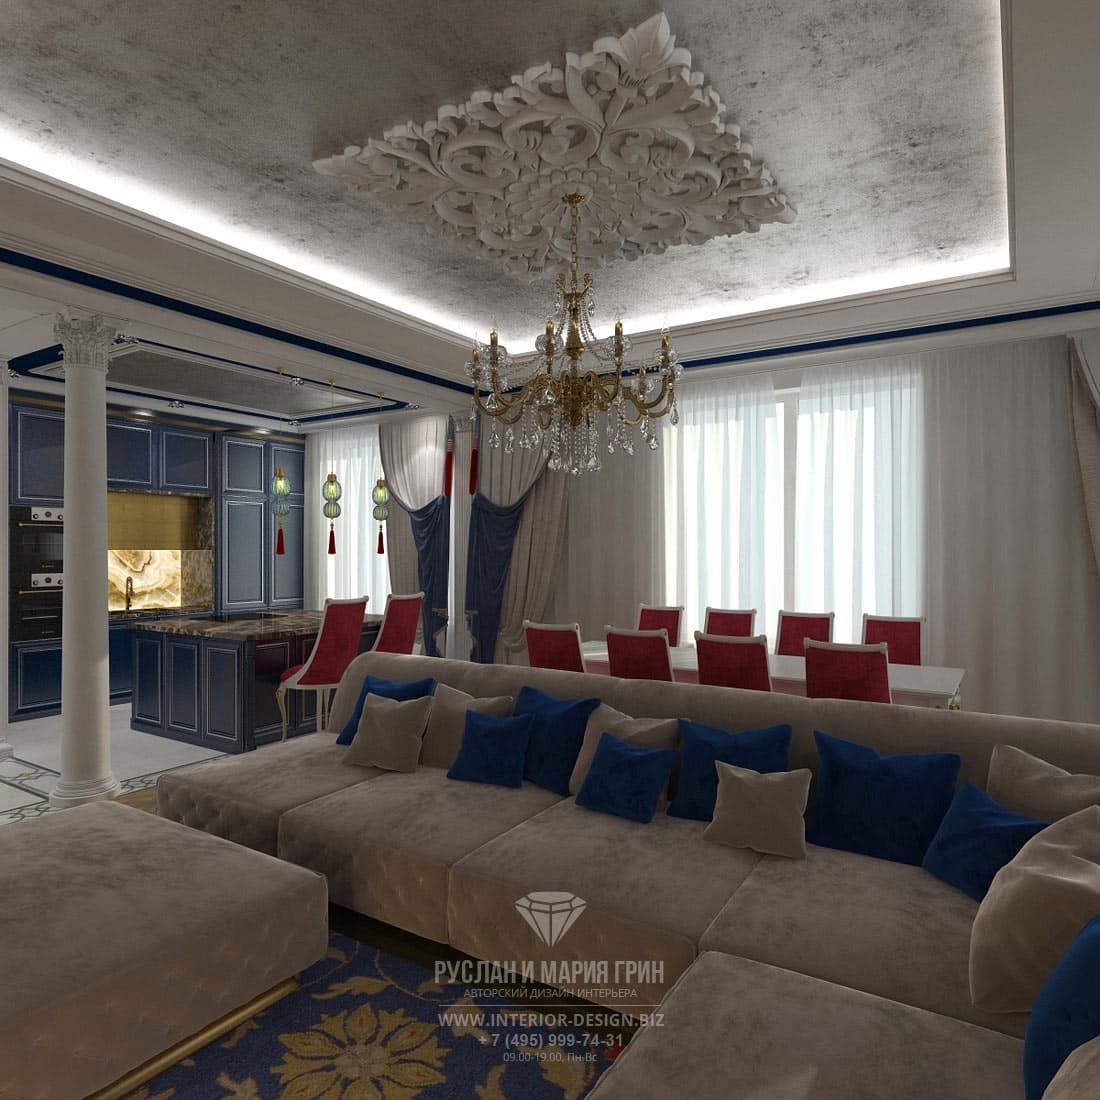 Классический дизайн кухни-гостиной в трехкомнатной квартире с яркими деталями